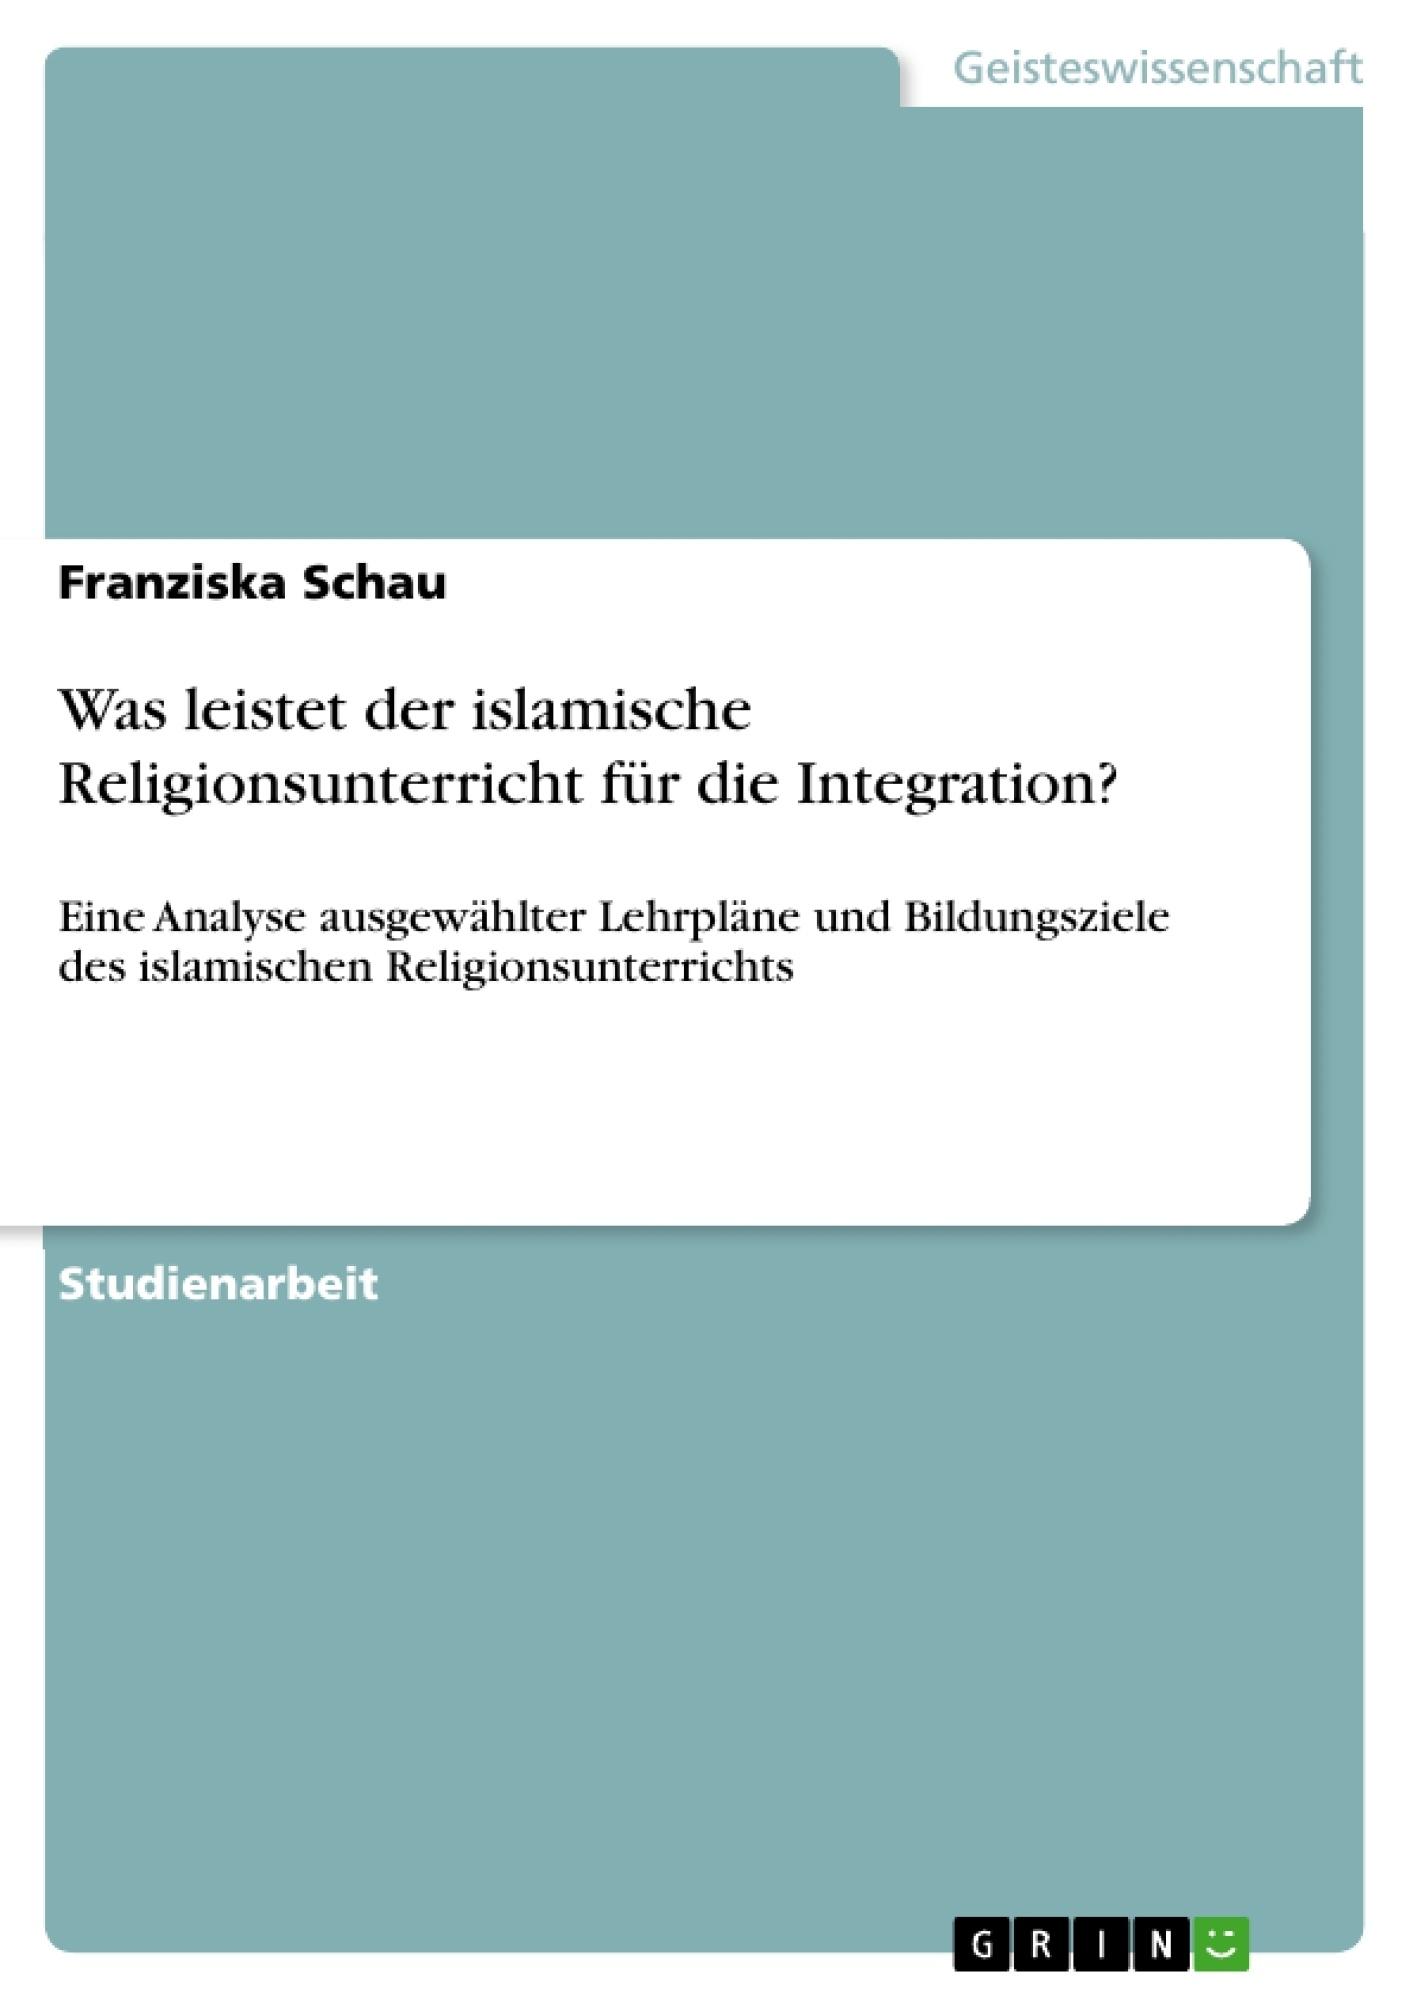 Titel: Was leistet der islamische Religionsunterricht für die Integration?